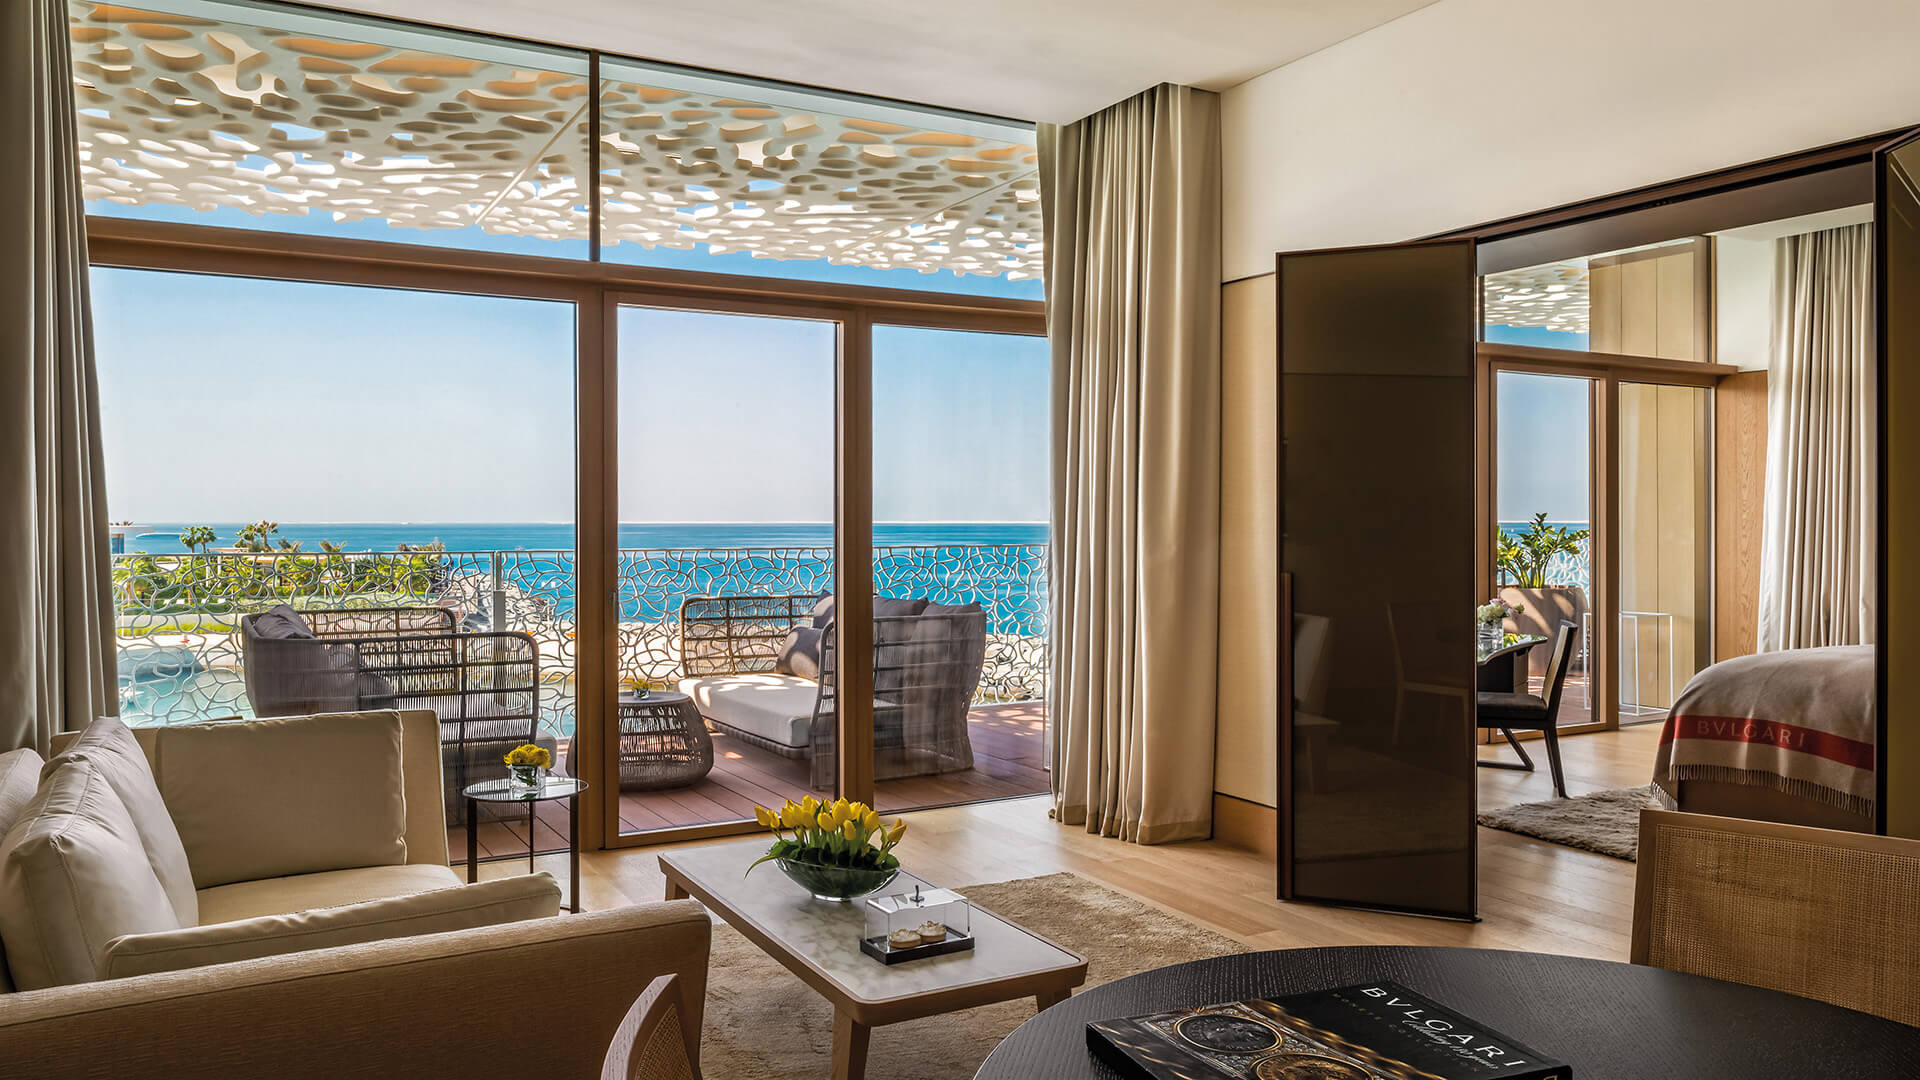 Ático en venta en Dubai, EAU, 4 dormitorios, 649 m2, № 23851 – foto 1